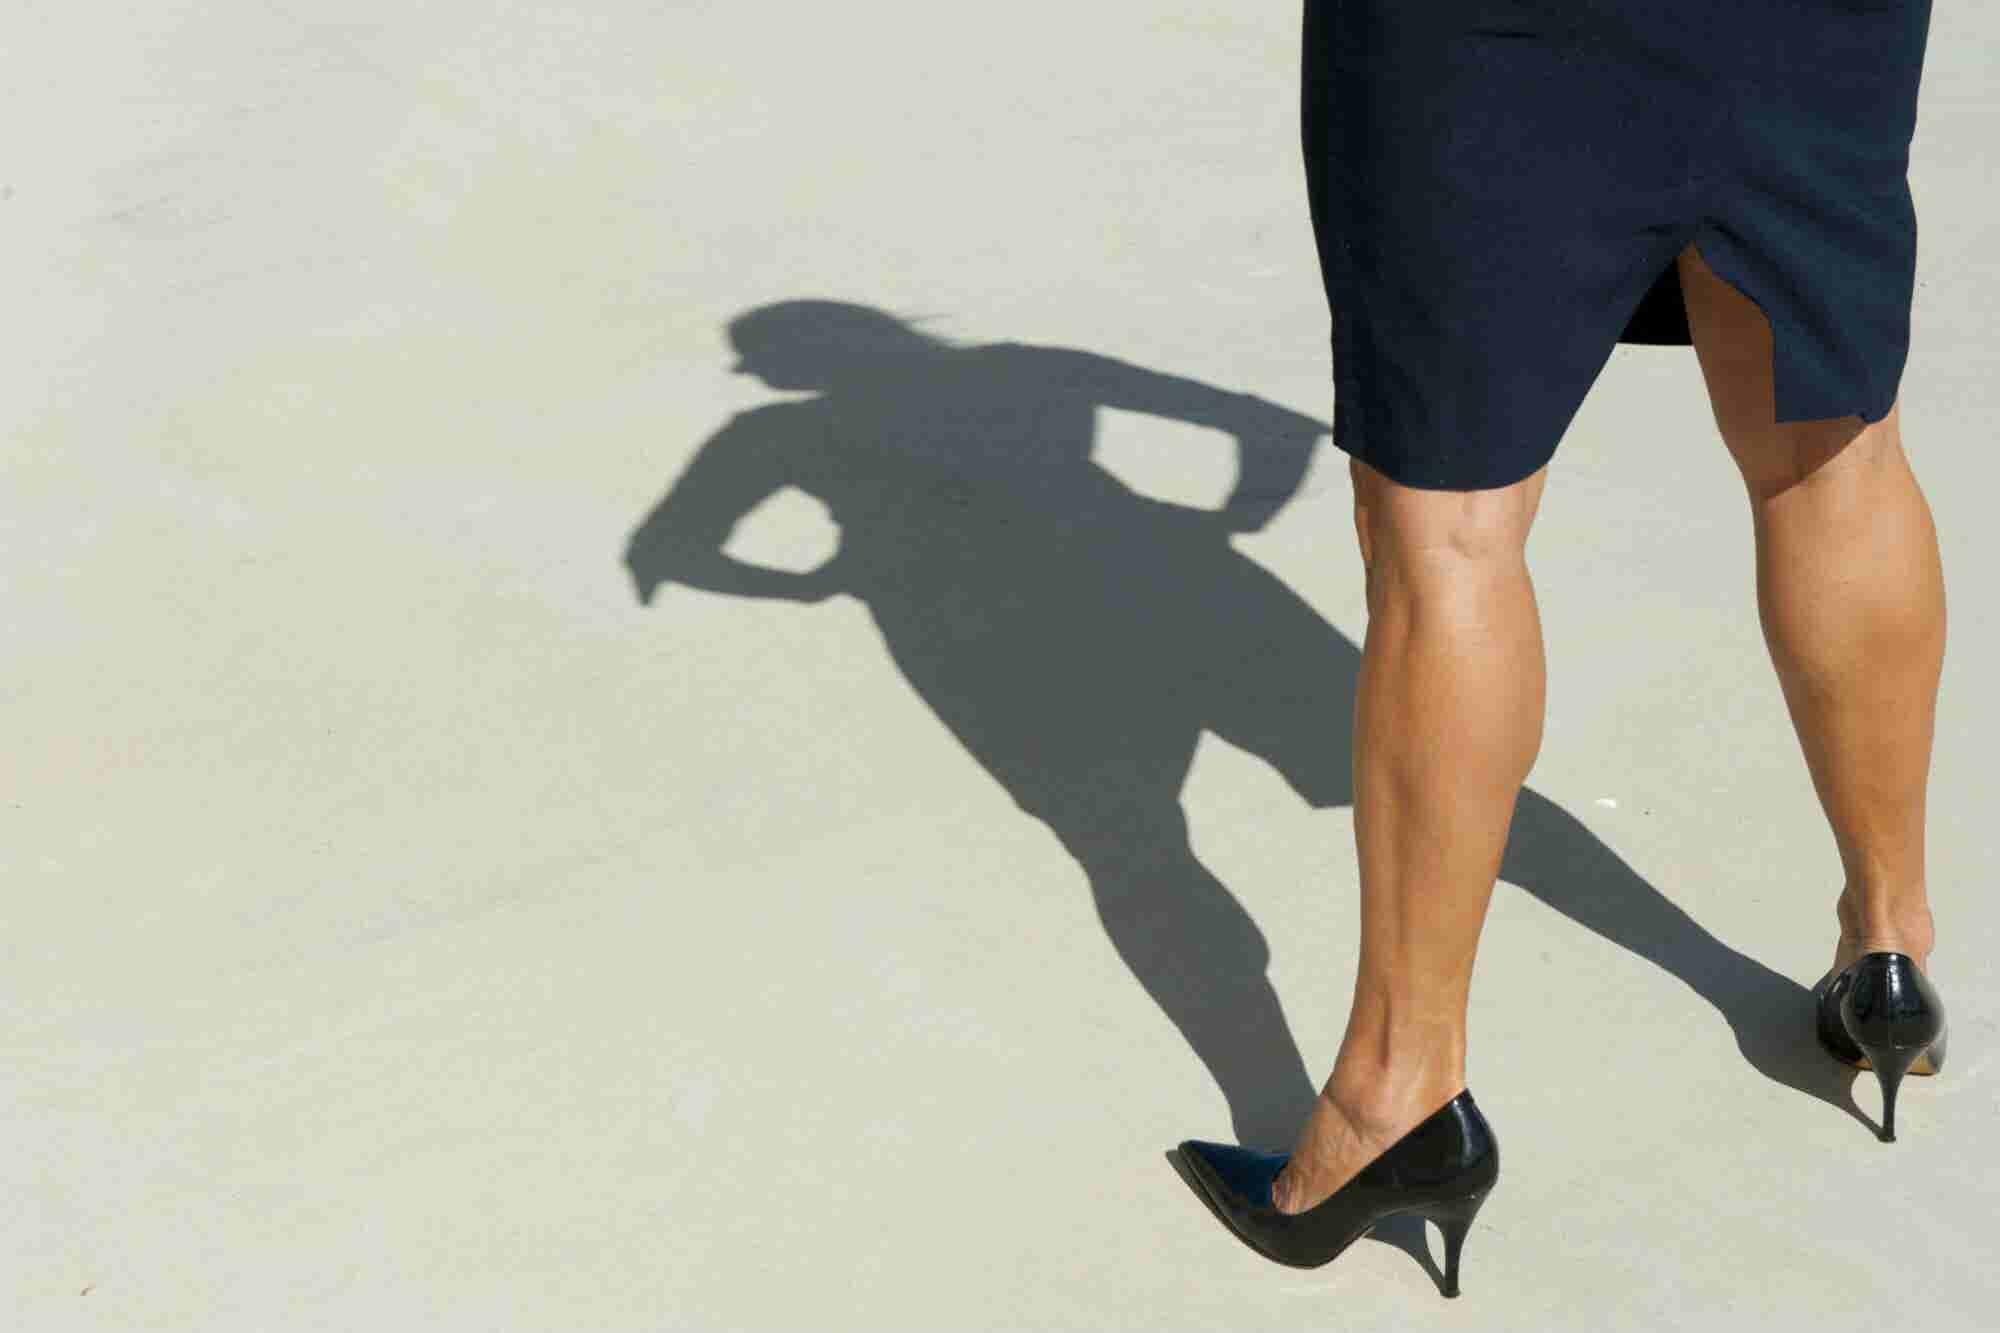 3 ejercicios poderosos que puedes hacer HOY MISMO para aumentar tu autoconfianza